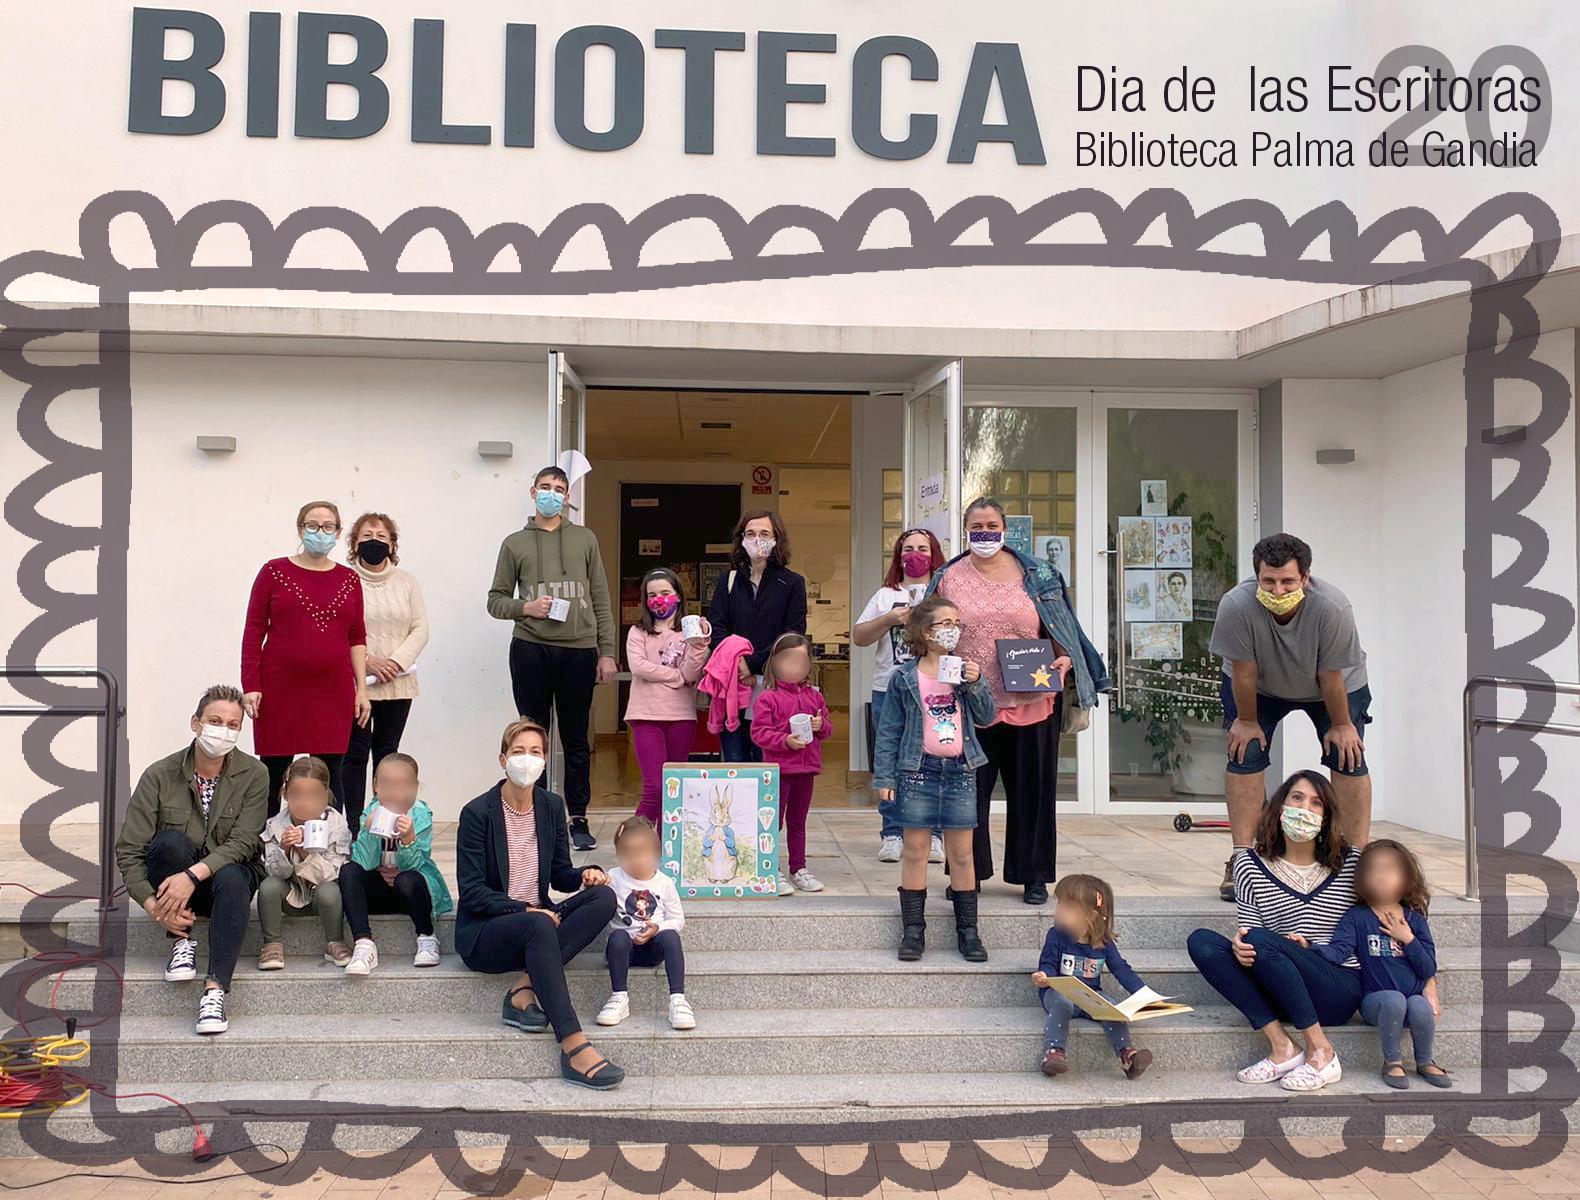 Biblioteca Palma de Gandía (Valencia)